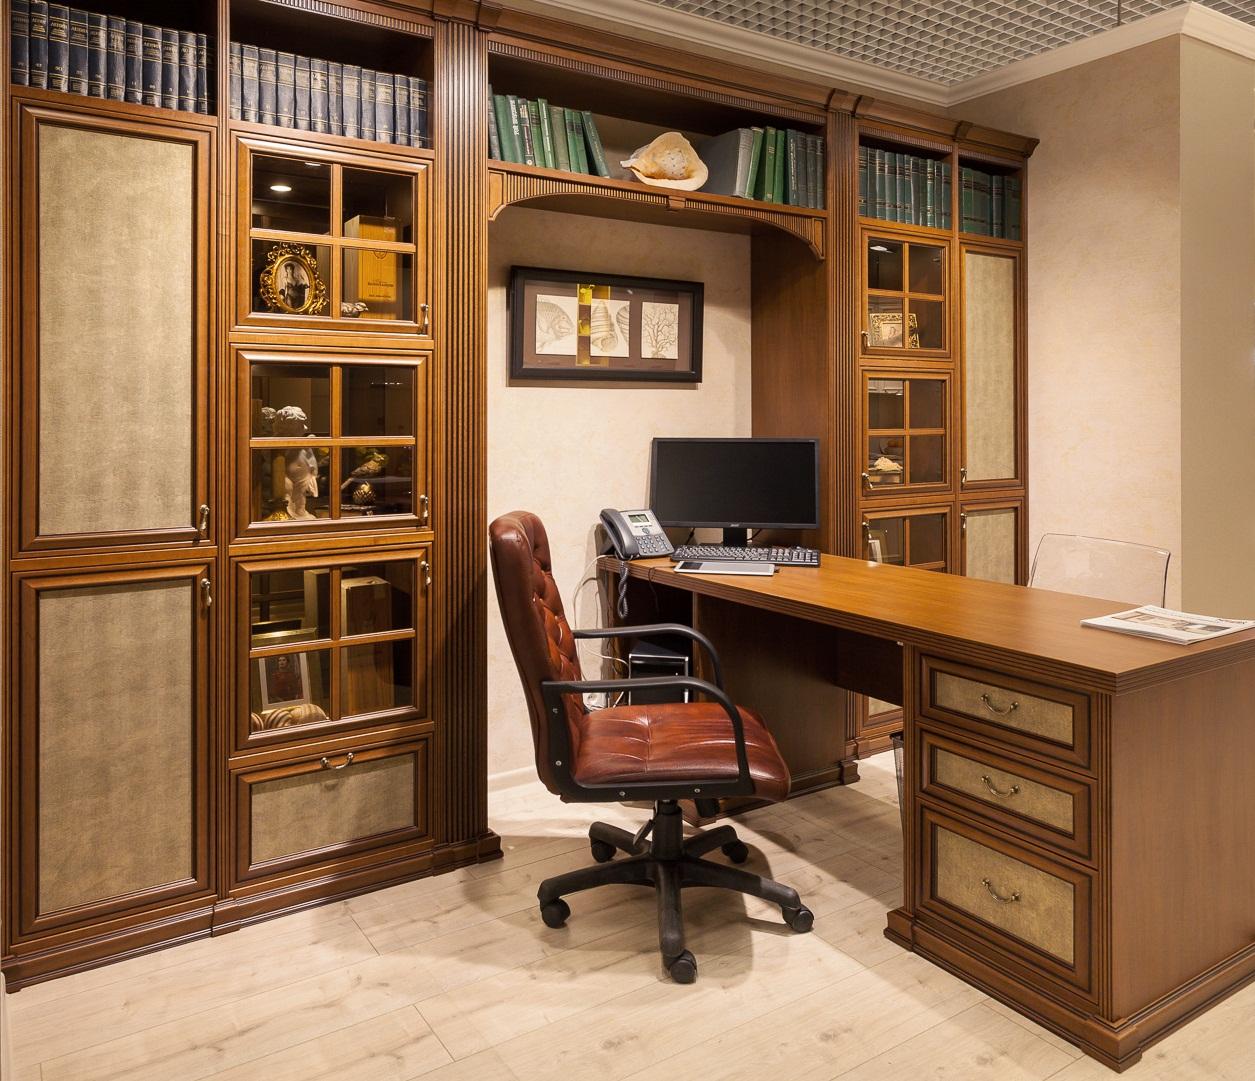 Немаловажным приобретением для кабинета будут вместительные шкафы